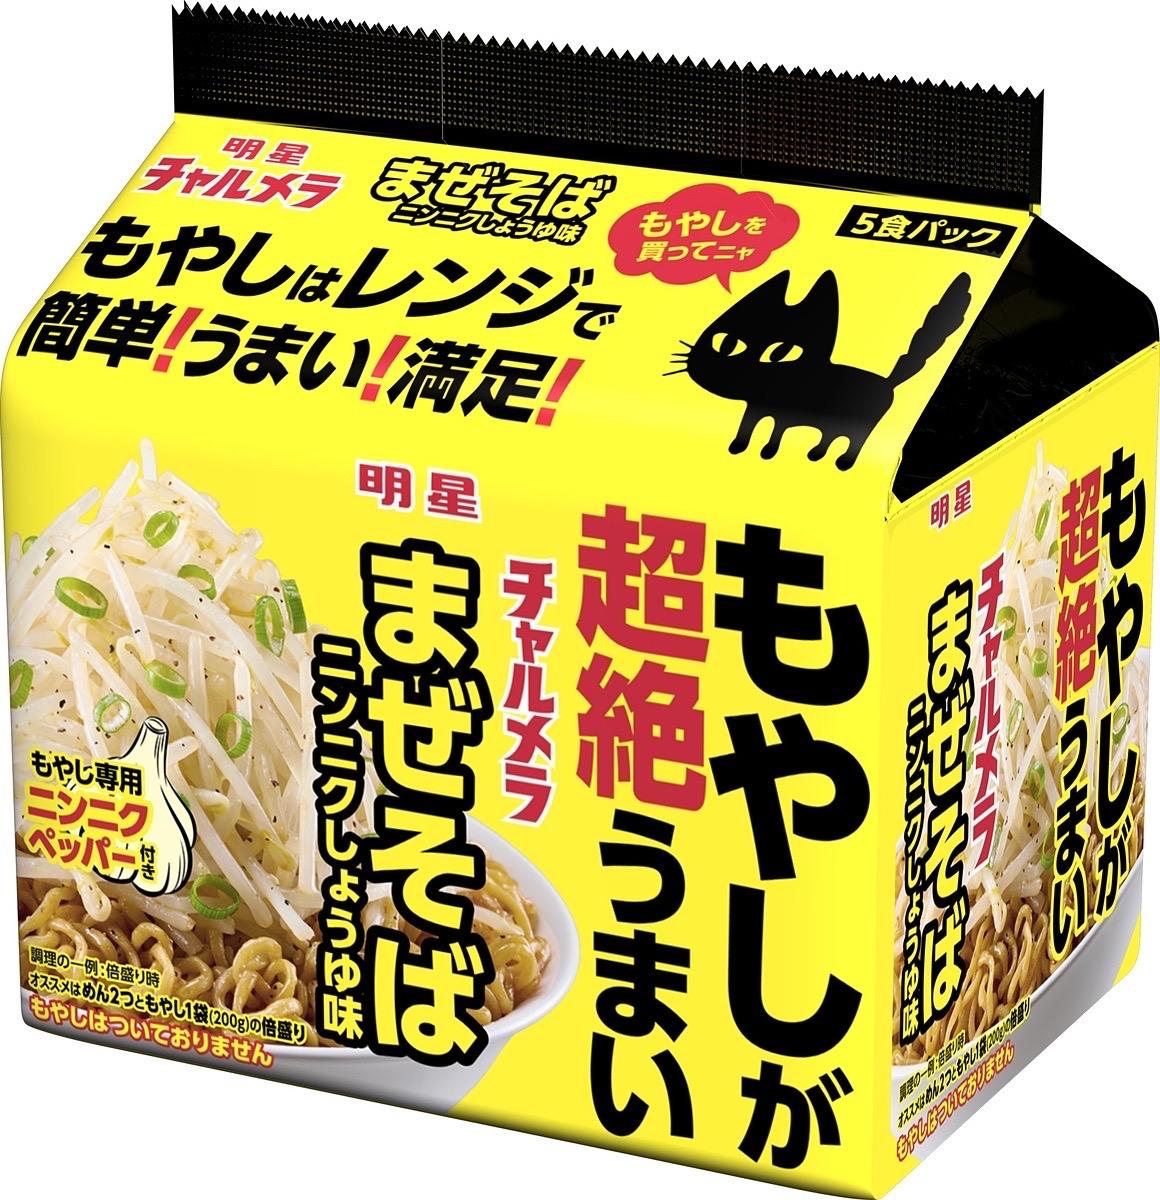 【朗報】二郎の袋ラーメン爆誕wwww